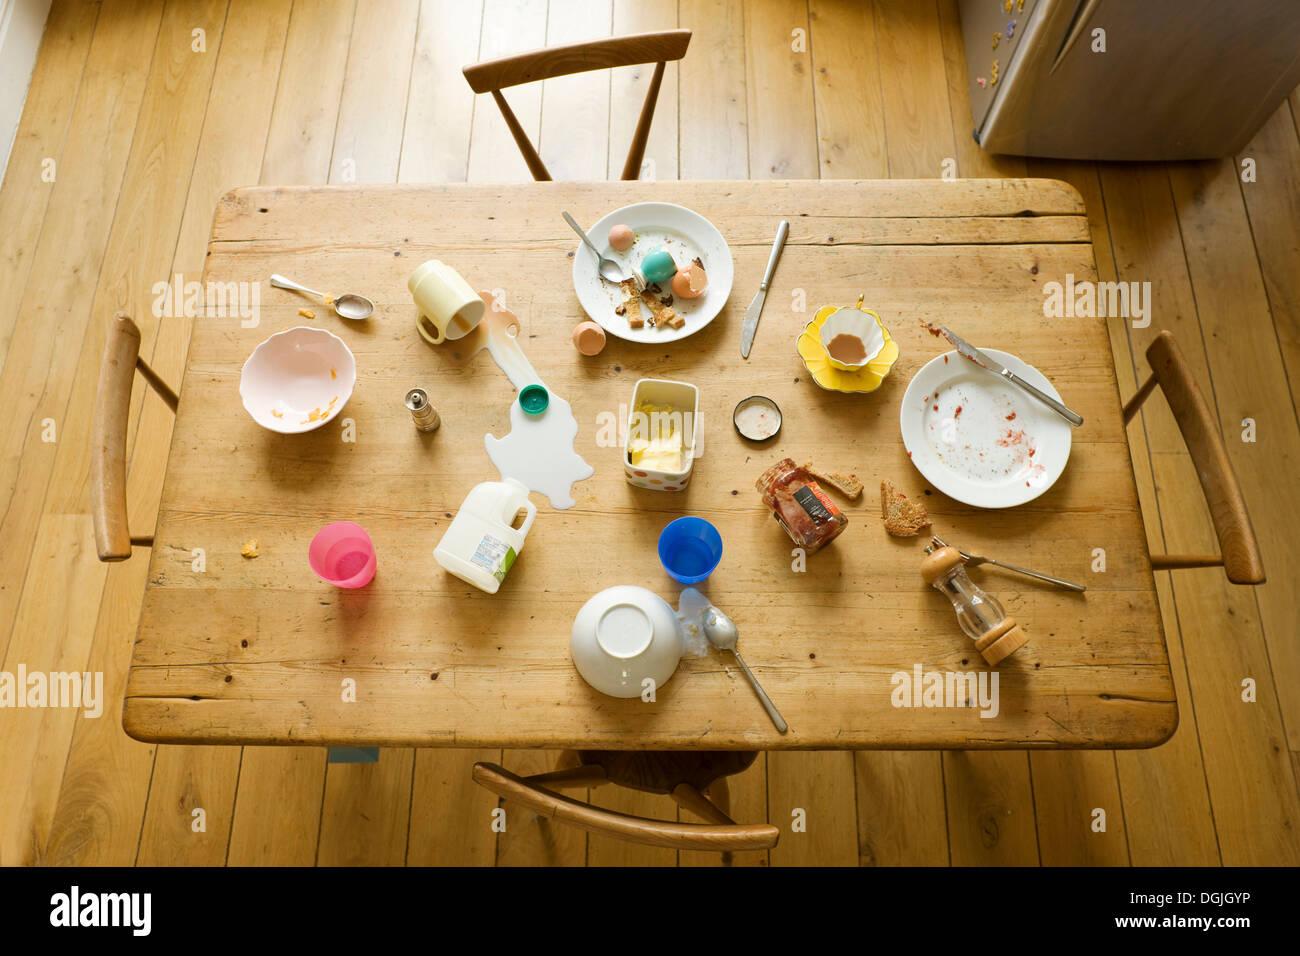 Vue de dessus de table de petit déjeuner avec des aliments consommés et les plaques en désordre Banque D'Images